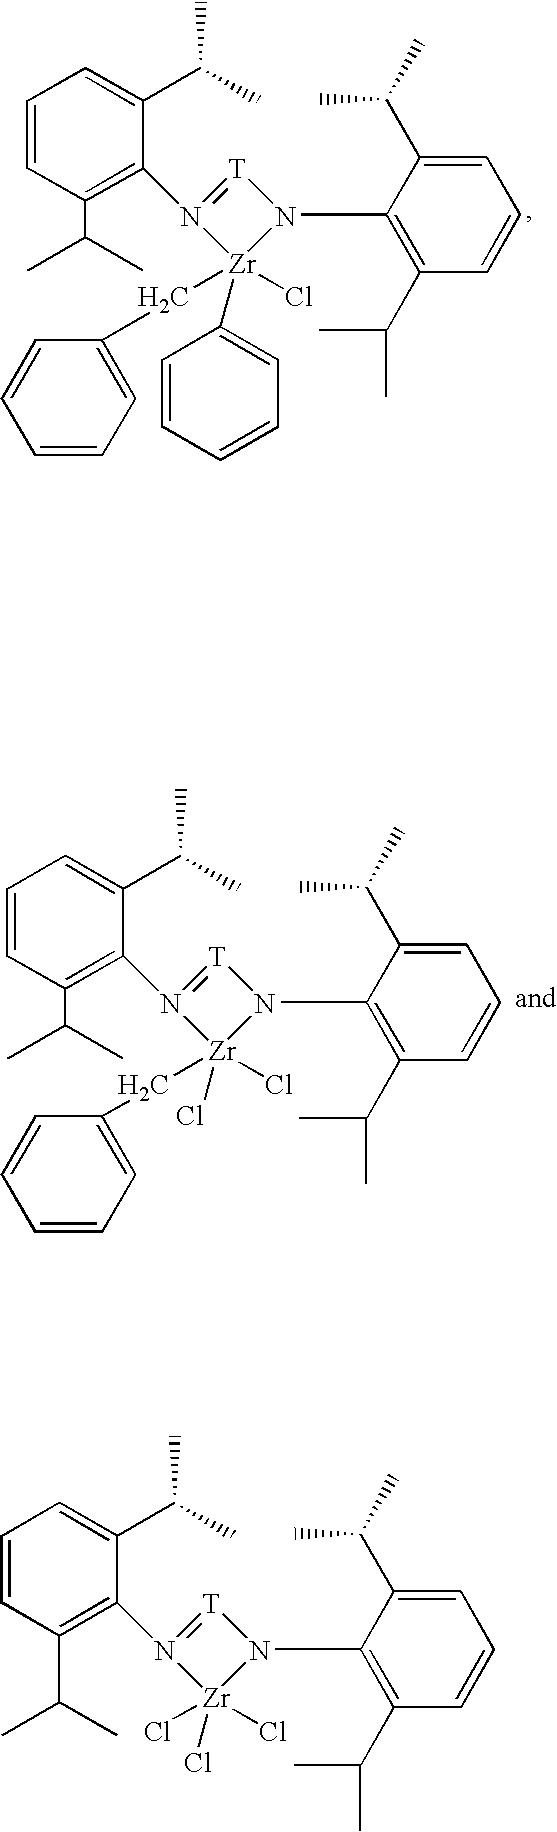 Figure US07199255-20070403-C00054